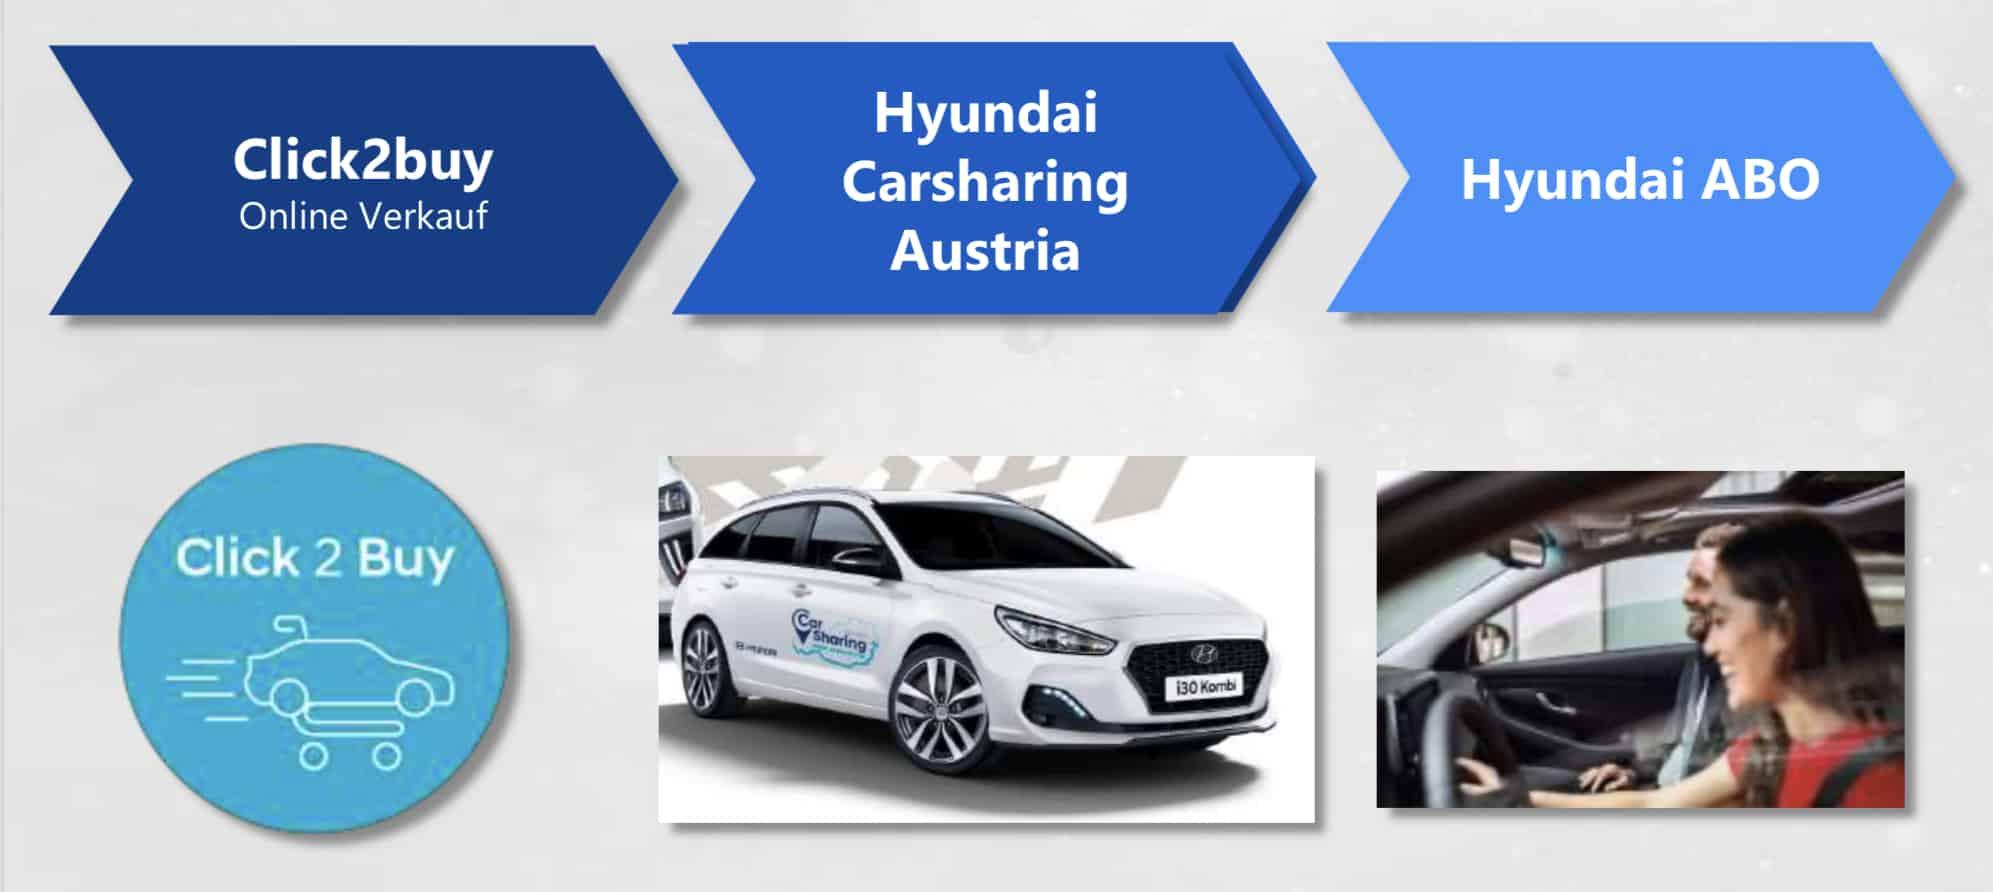 Hyundai Autos: im Abo, als Carsharing oder per Online-Kauf mit Hauszustellung » Hyundai Online Charsharing Abo